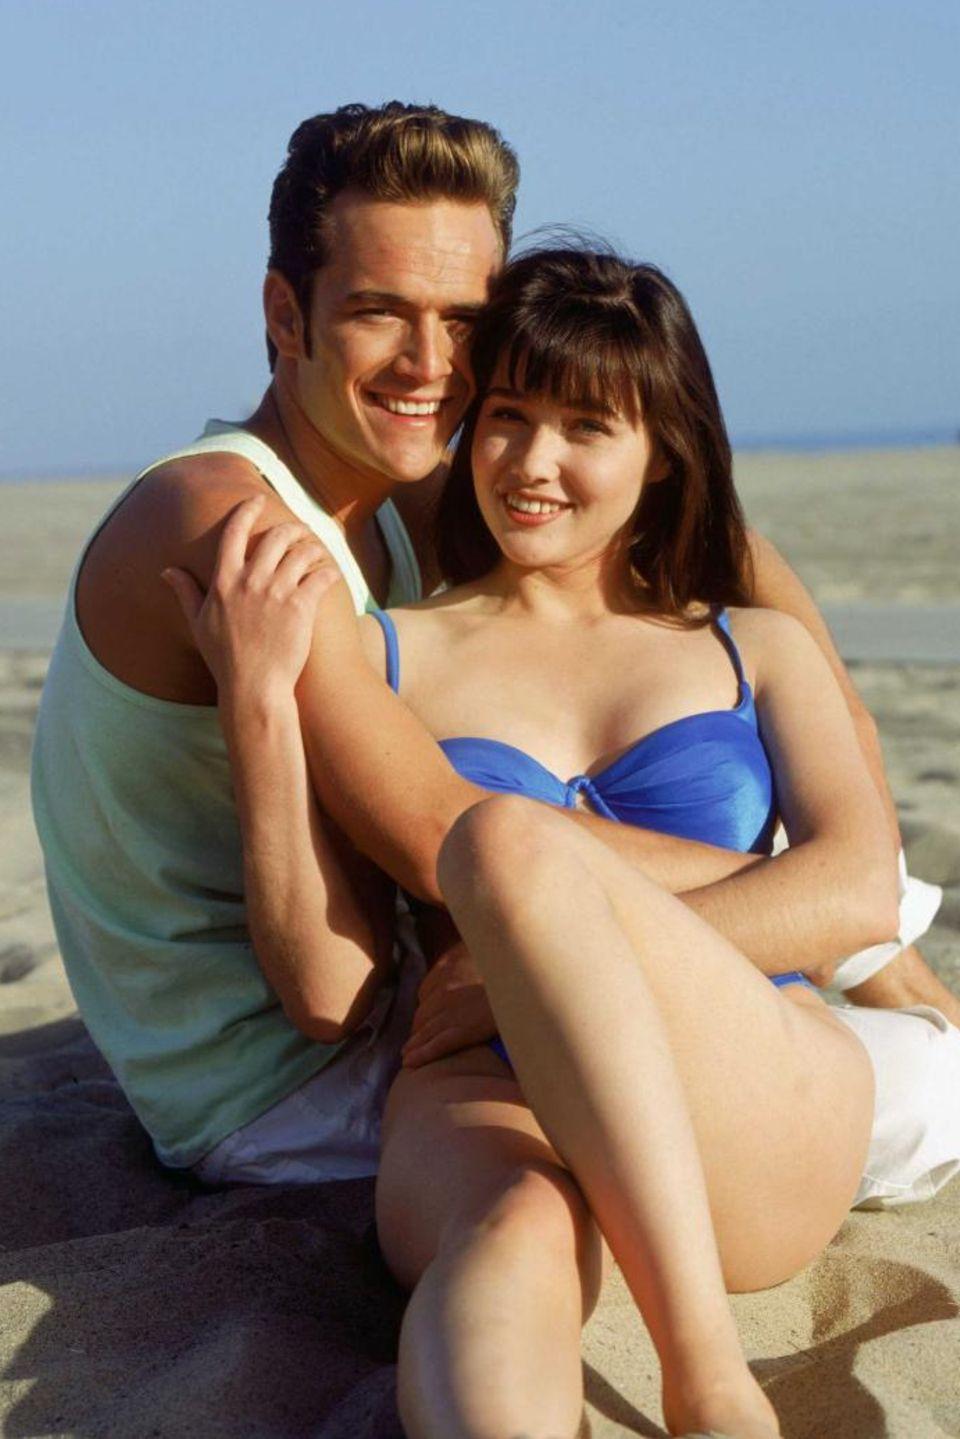 """Luke Perry und Shannen Doherty in der TV-Serie """"Beverly Hills 90210"""". Mit den Rollen """"Dylan McKay"""" und """"Brenda Walsh"""" wurden sie weltberühmt. Während der sichtbar gealterte Luke Perry heute weiterhin im TV-Business tätig ist, kämpft Shannen Dorherty gegen ihre Krebserkrankung."""